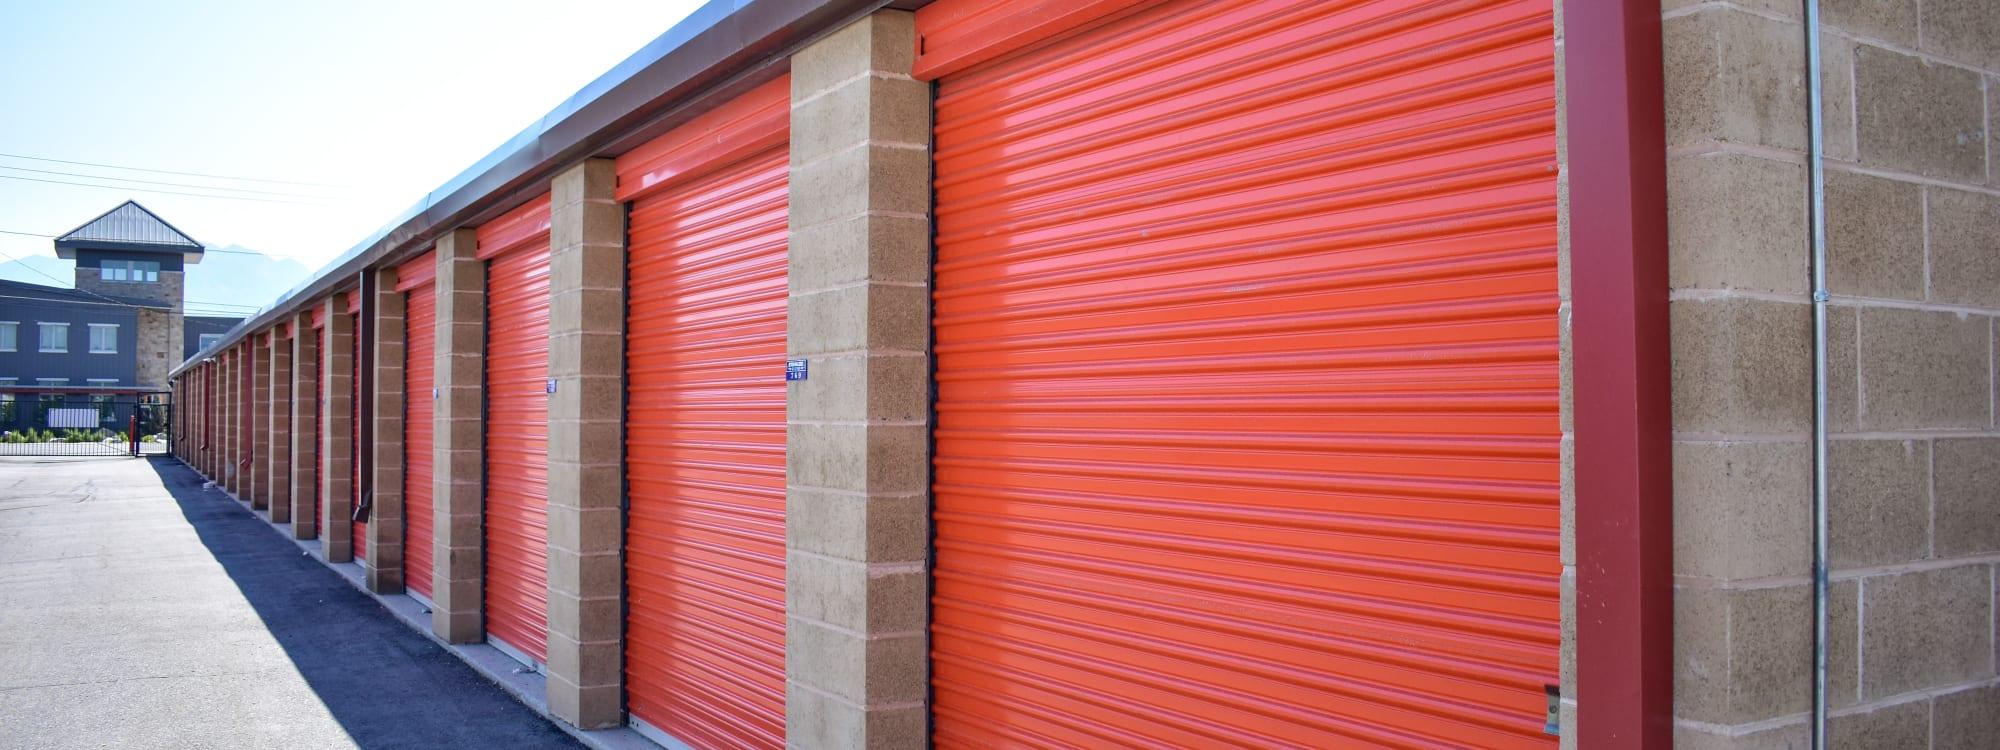 Self storage options at STOR-N-LOCK Self Storage in Taylorsville, Utah